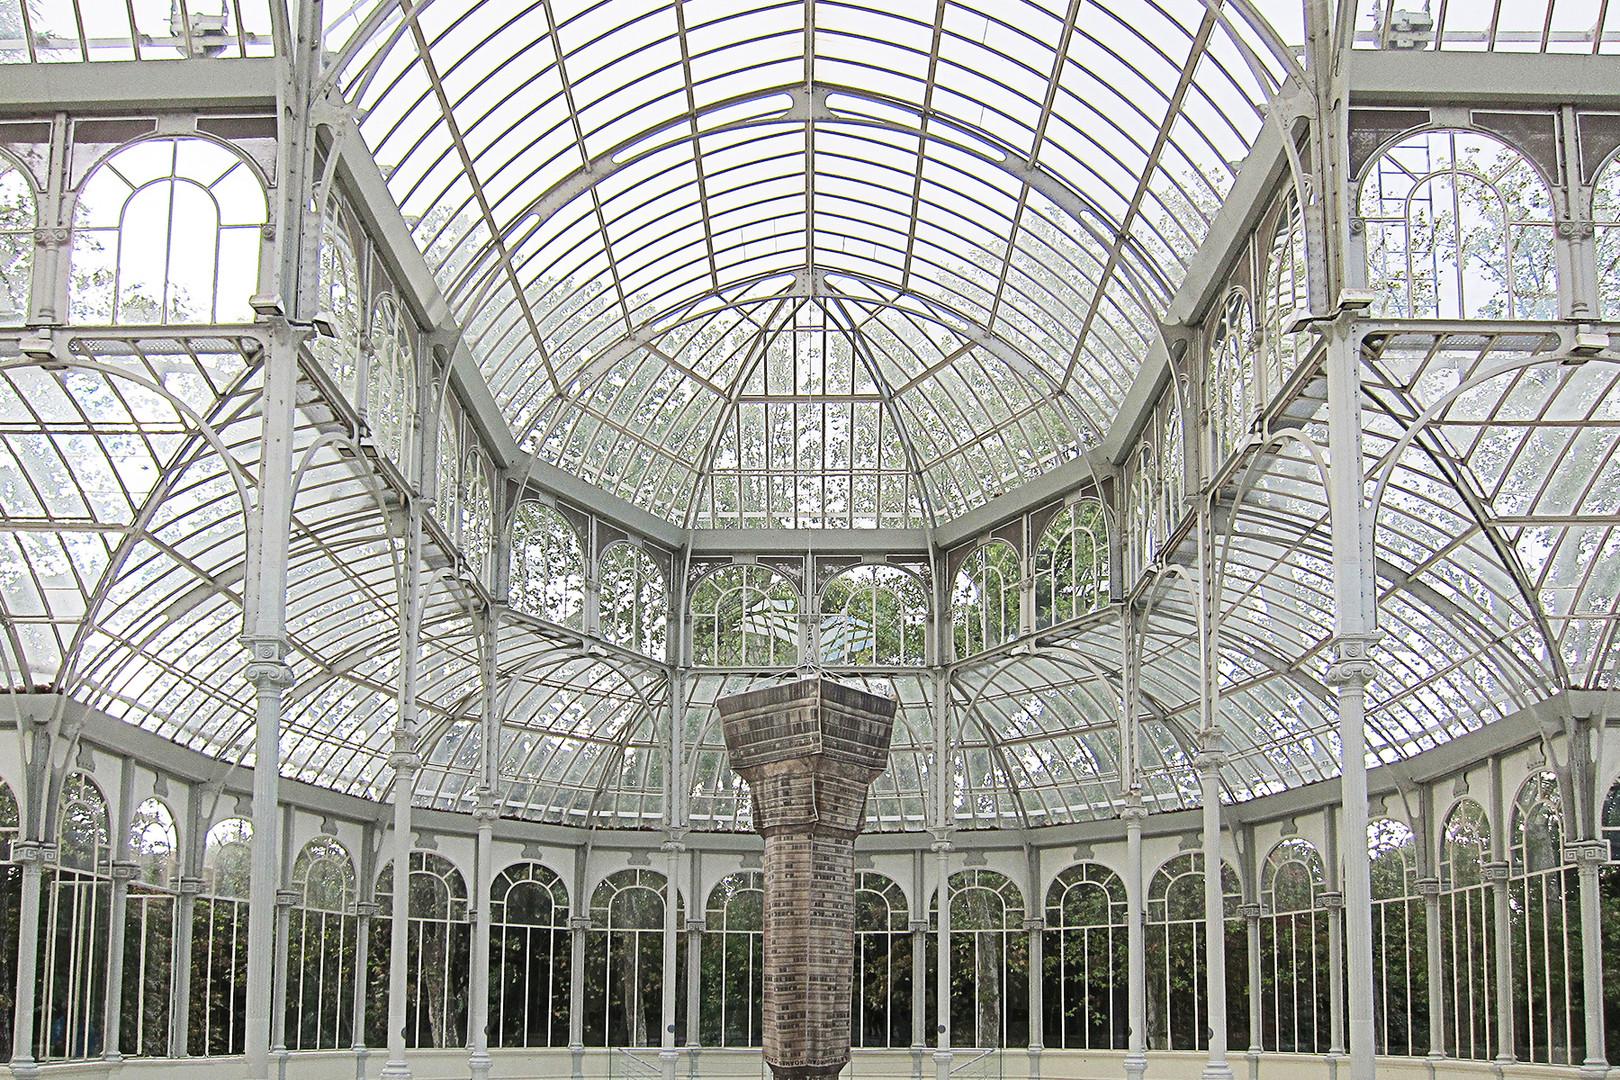 Palacio de Cristal in Madrid